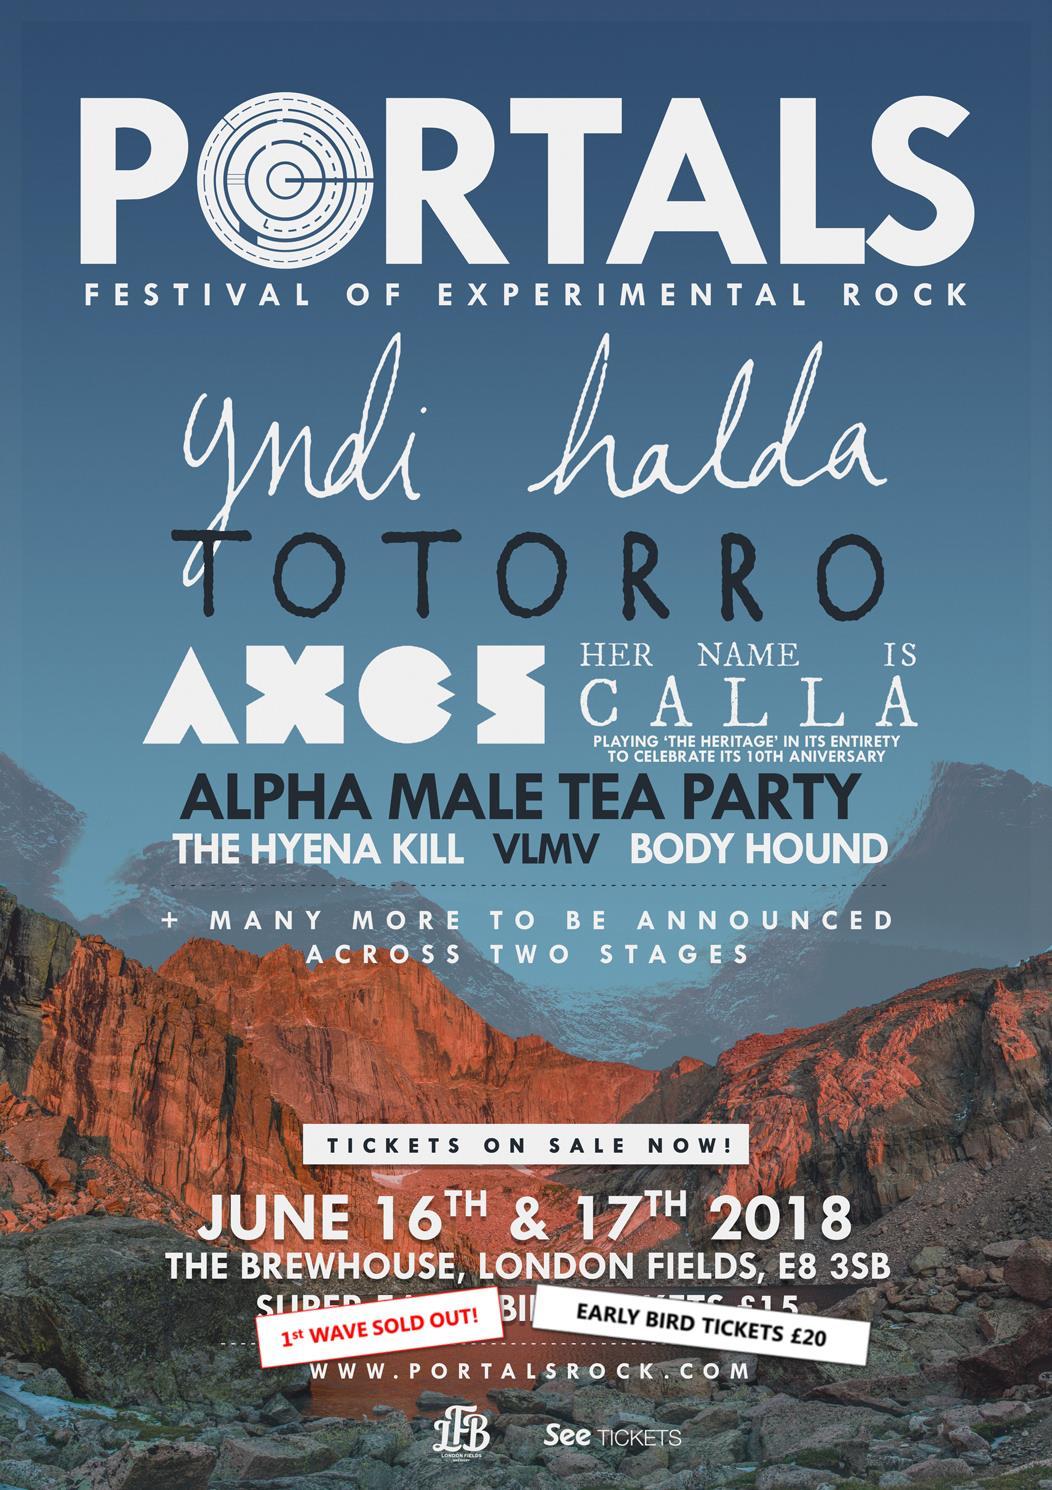 Portals Festival